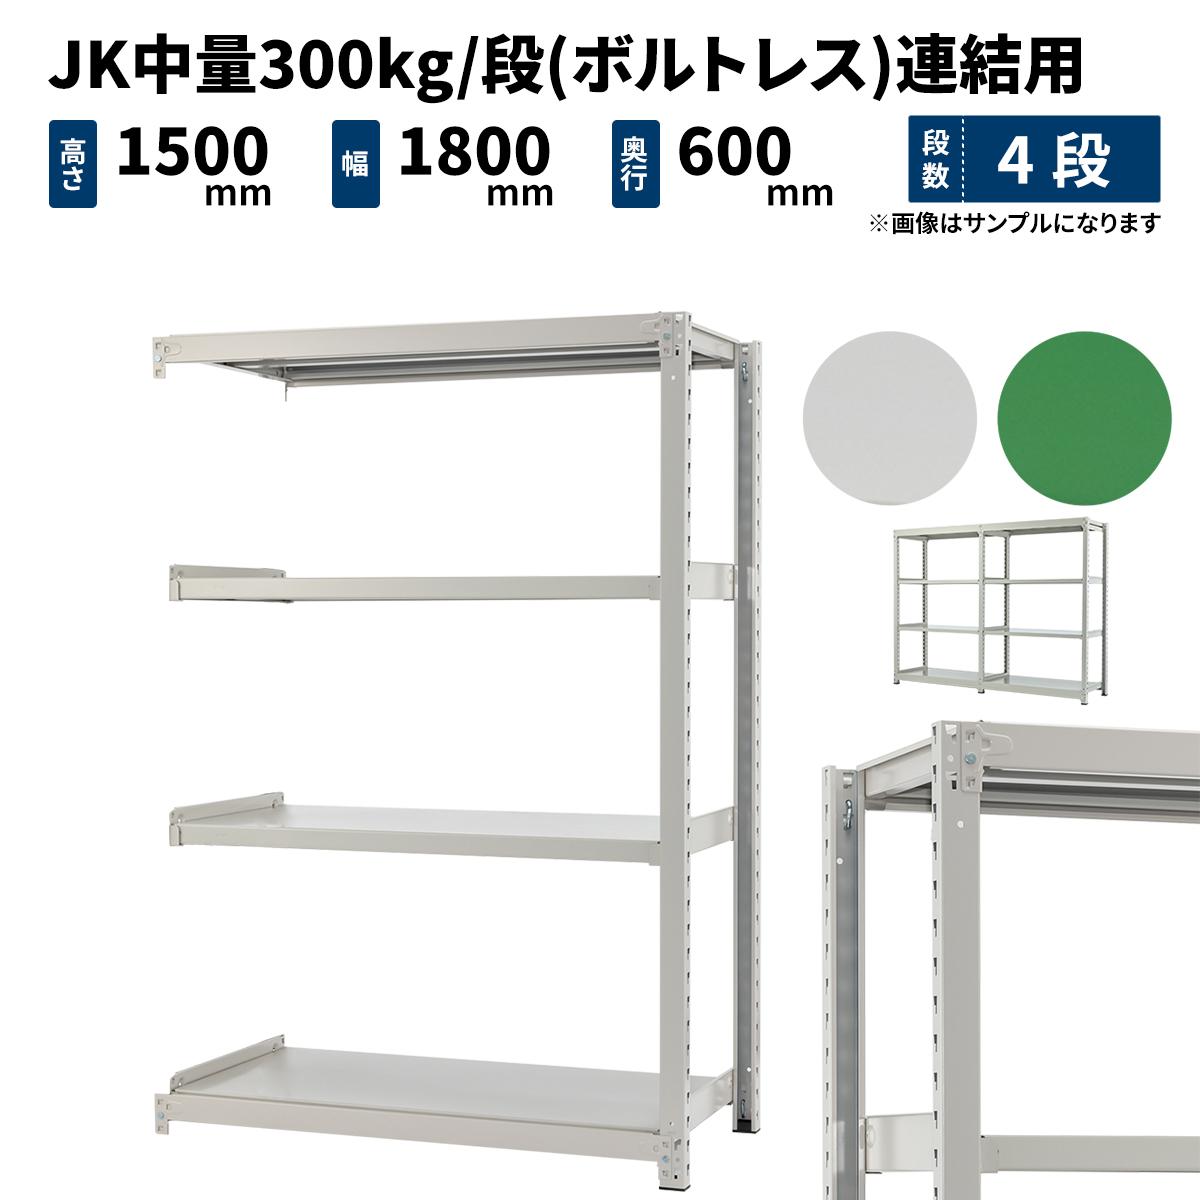 スチールラック 業務用 JK中量300kg/段(ボルトレス) 連結形式 高さ1500×幅1800×奥行600mm 4段 ホワイトグレー/グリーン (69kg) JK300_R-151806-4